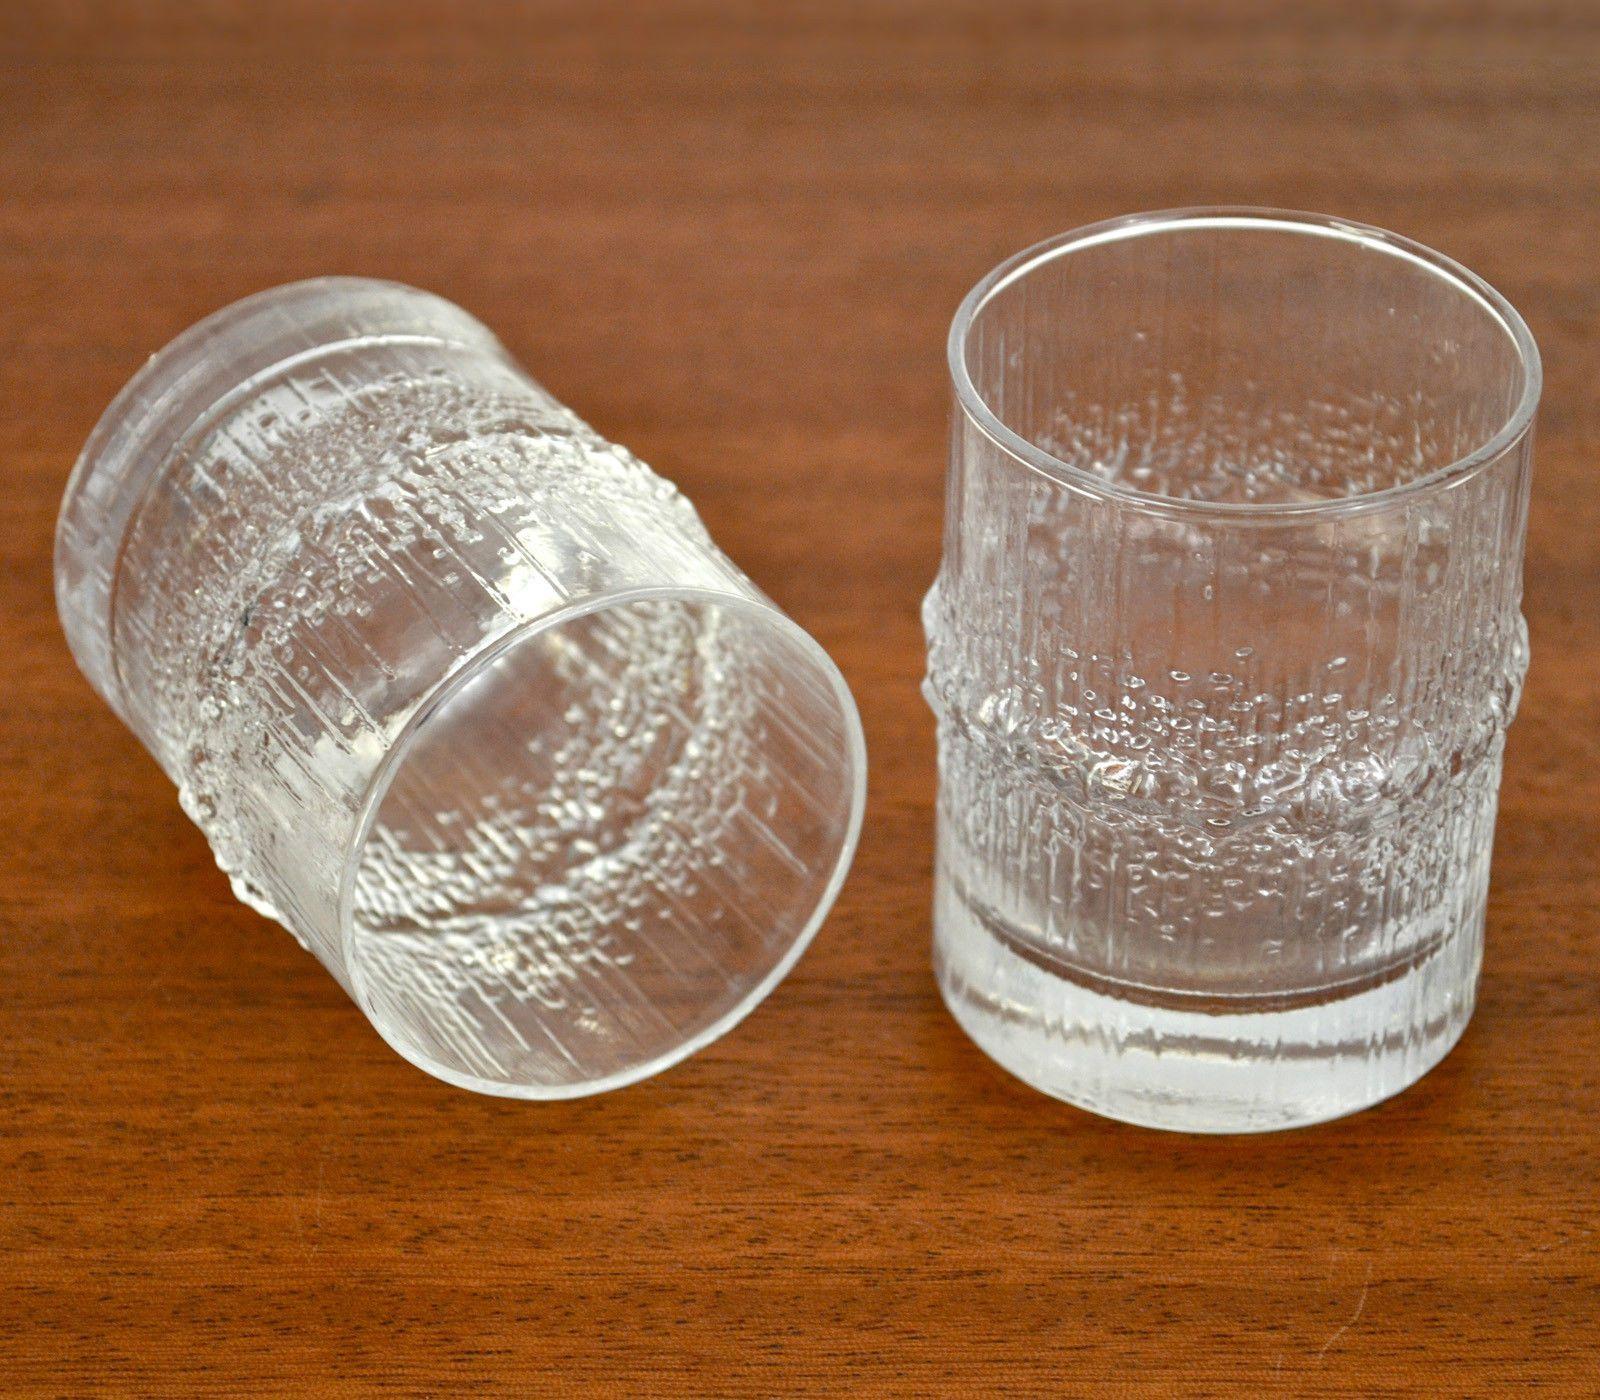 Tapio Wirkkala Vintage Niva 3 5 Oz Tumblers Glasses Iittala Finland Ebay Vintage Niva